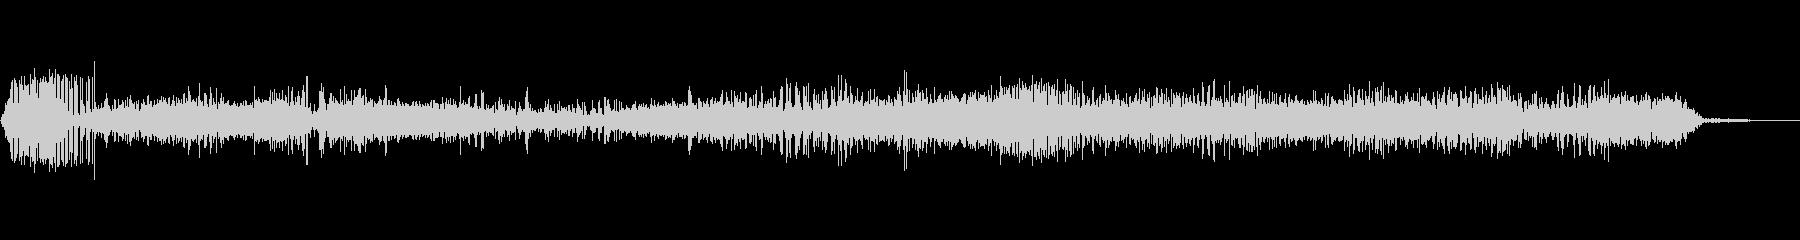 マルチプルフレキシングトーンV.1...の未再生の波形